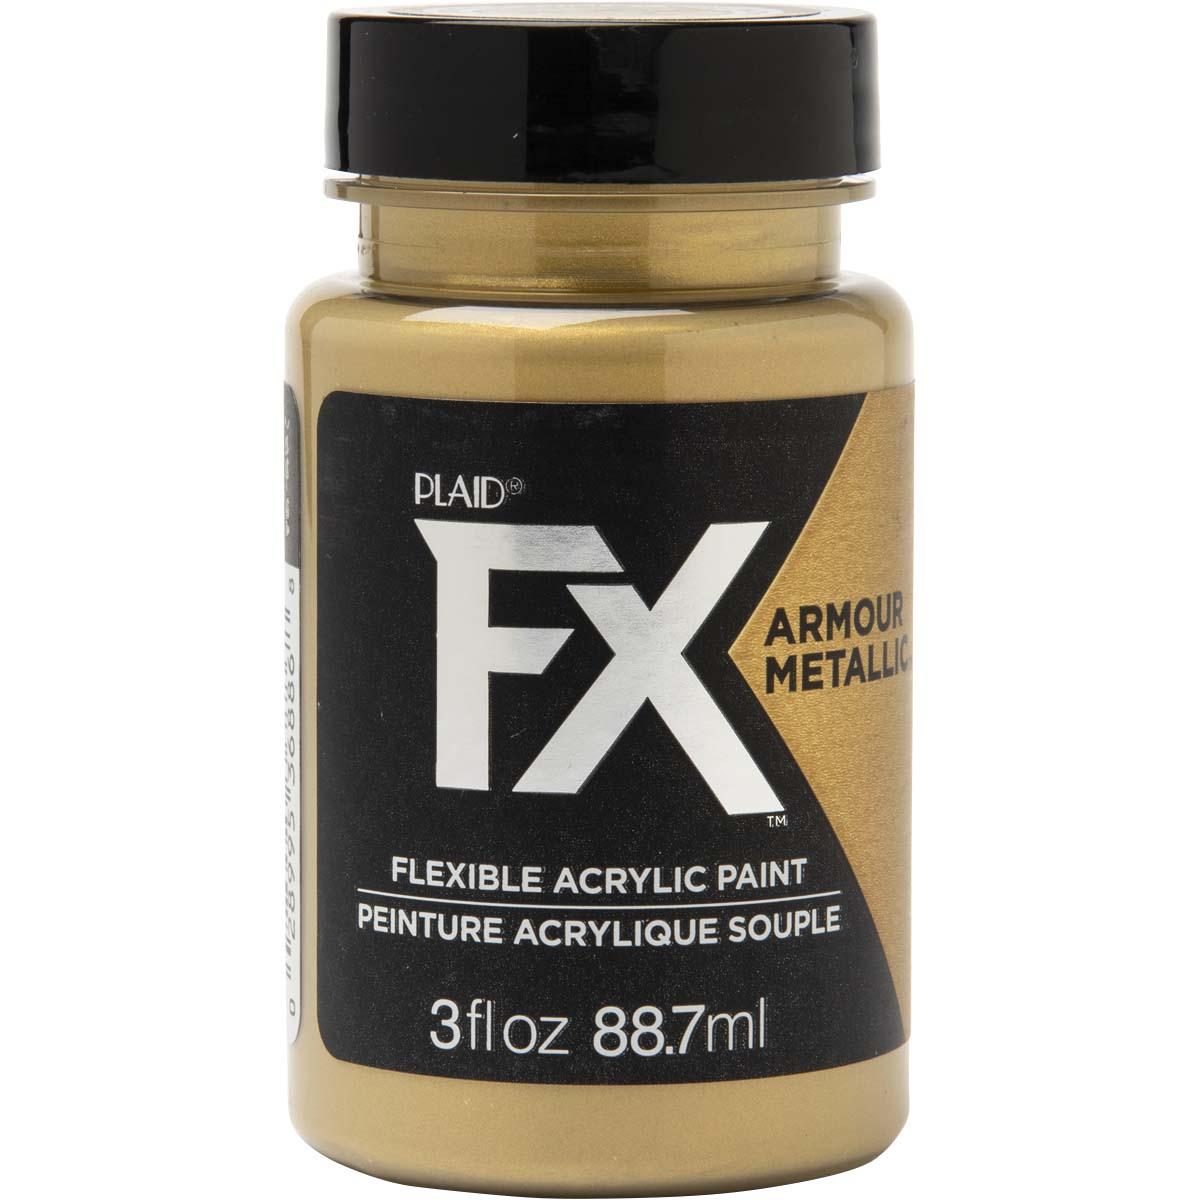 PlaidFX Armour Metal Flexible Acrylic Paint - Golden Hour, 3 oz. - 36886